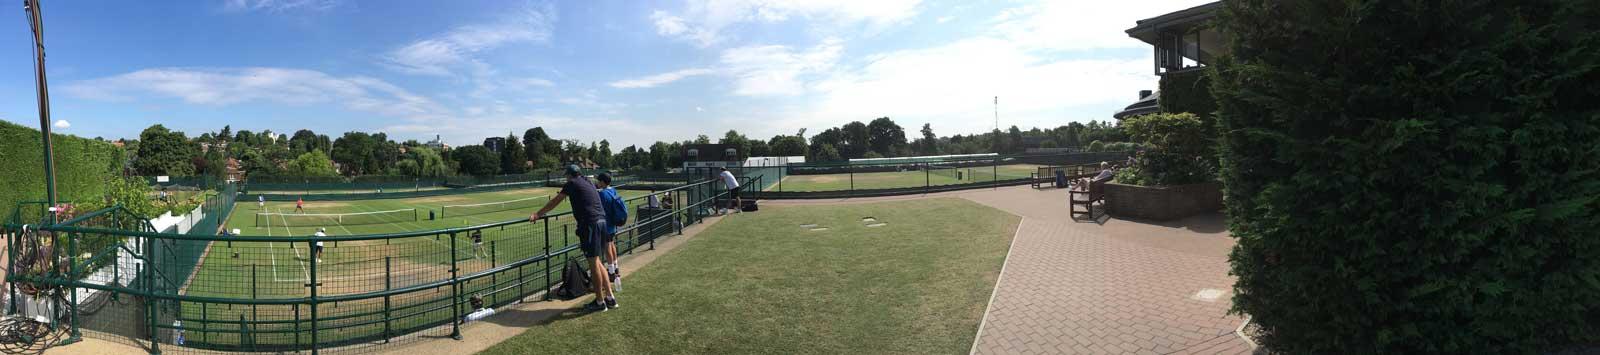 wimbledon-practicing-courts-panorama2